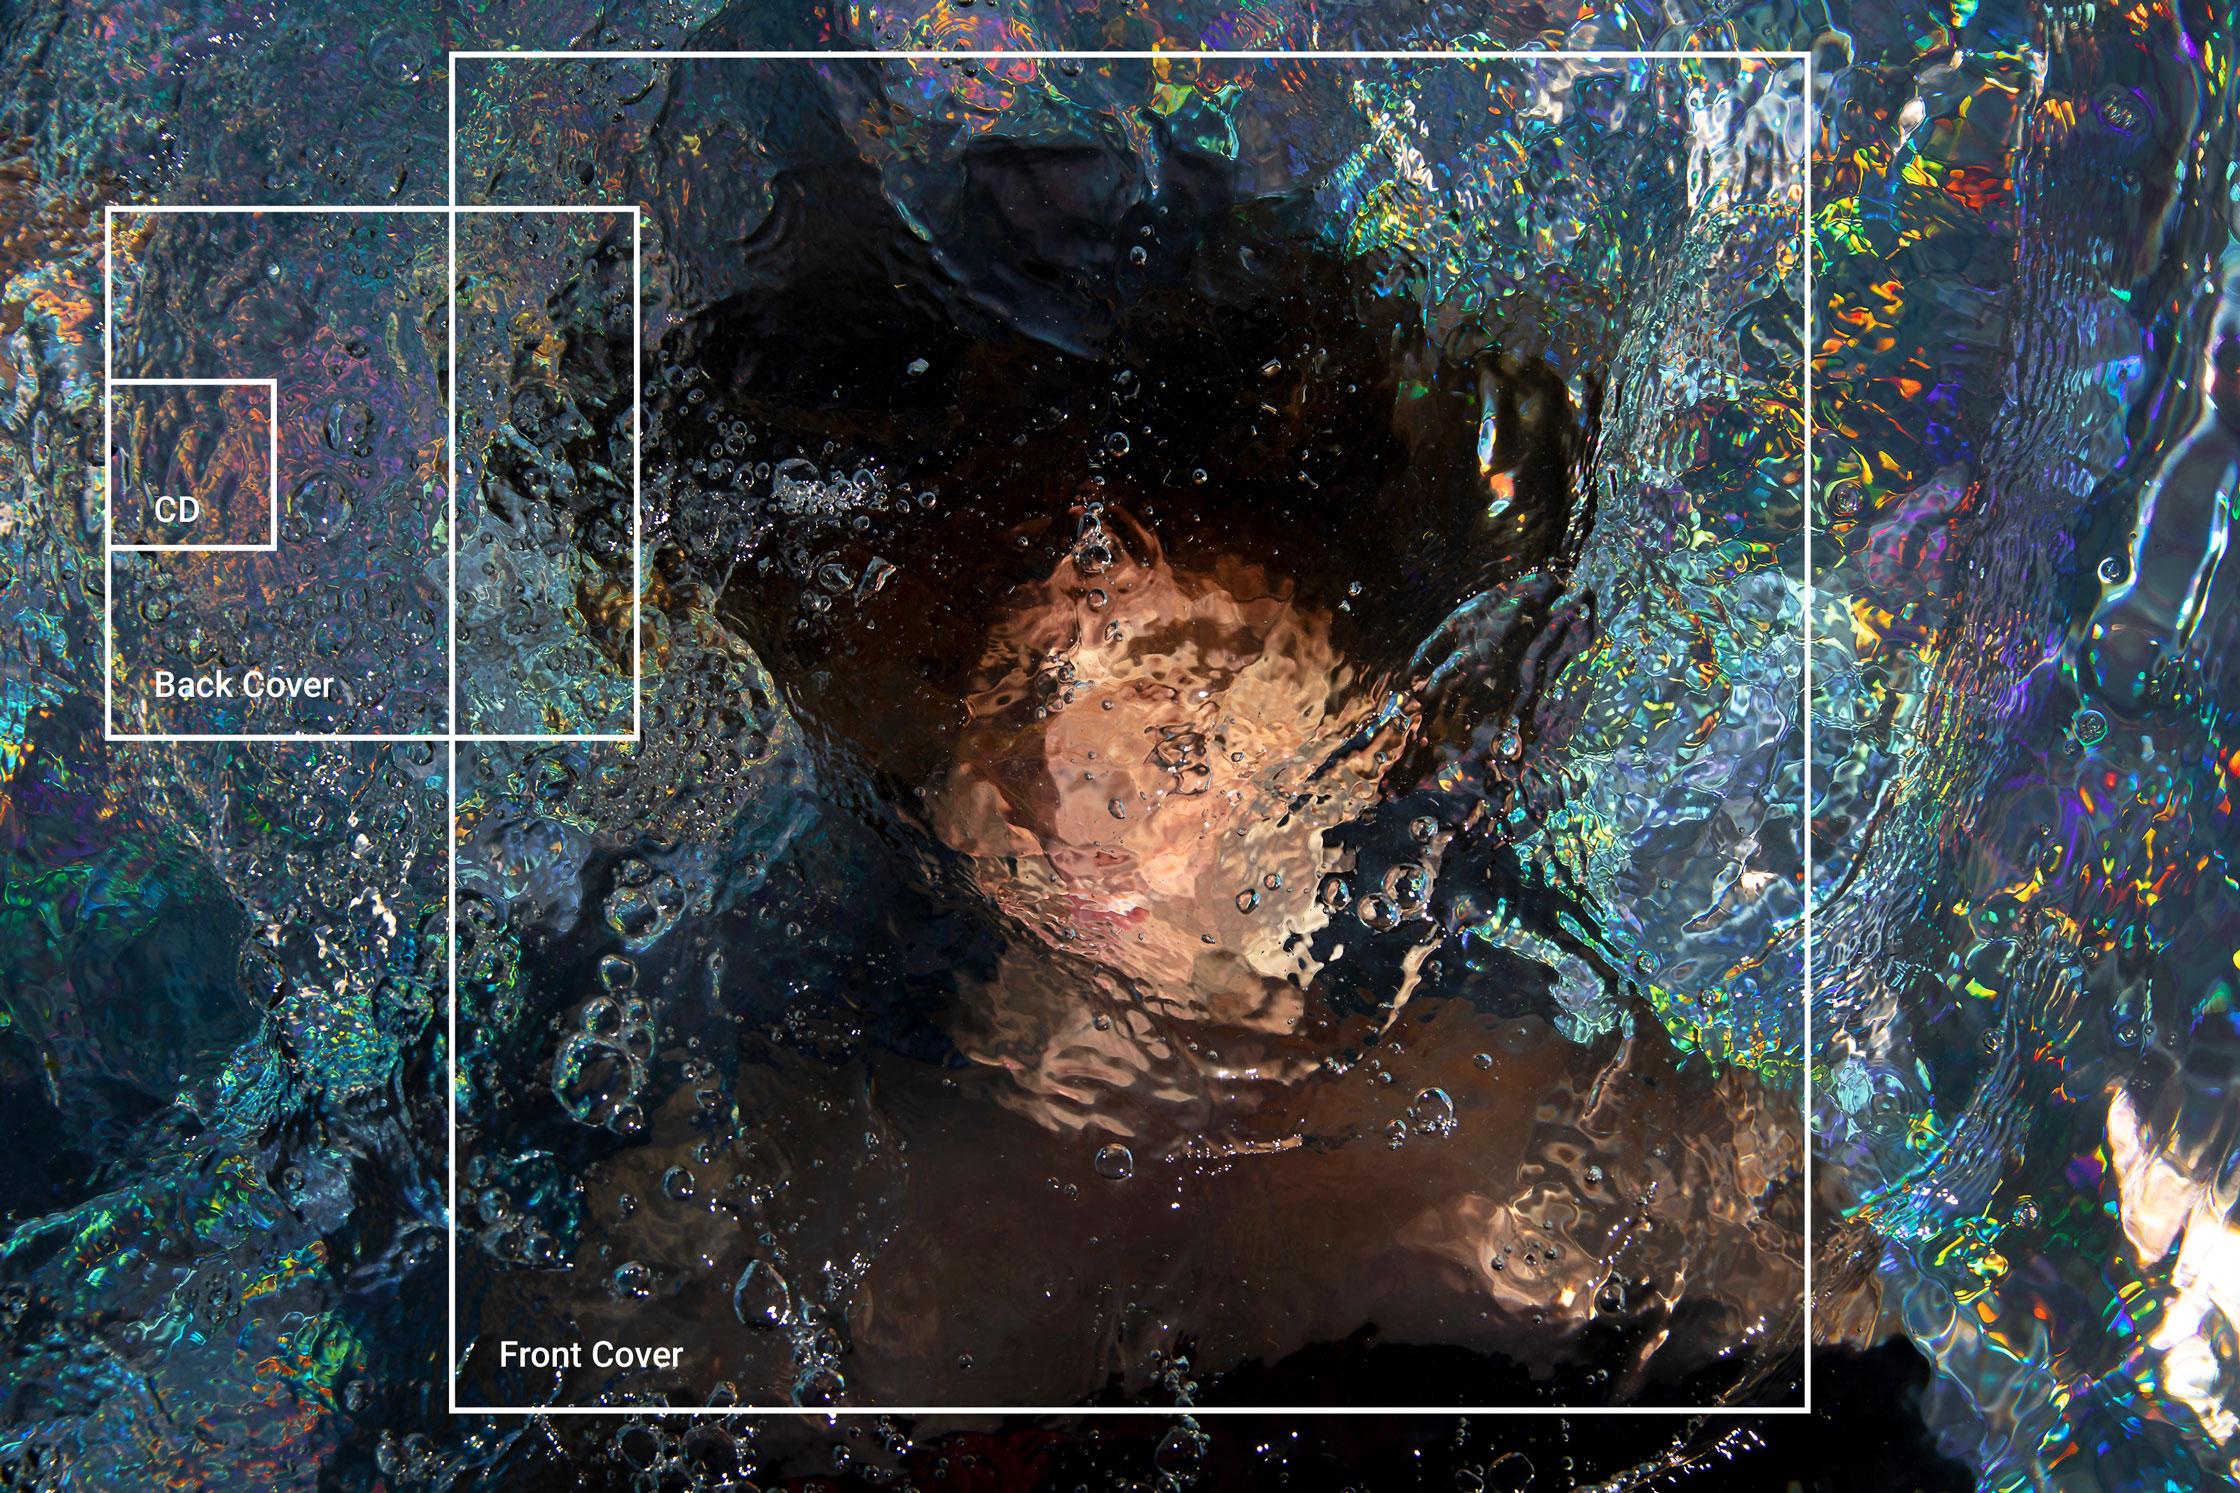 Nathan_Cavaleri_Demons-1.jpg